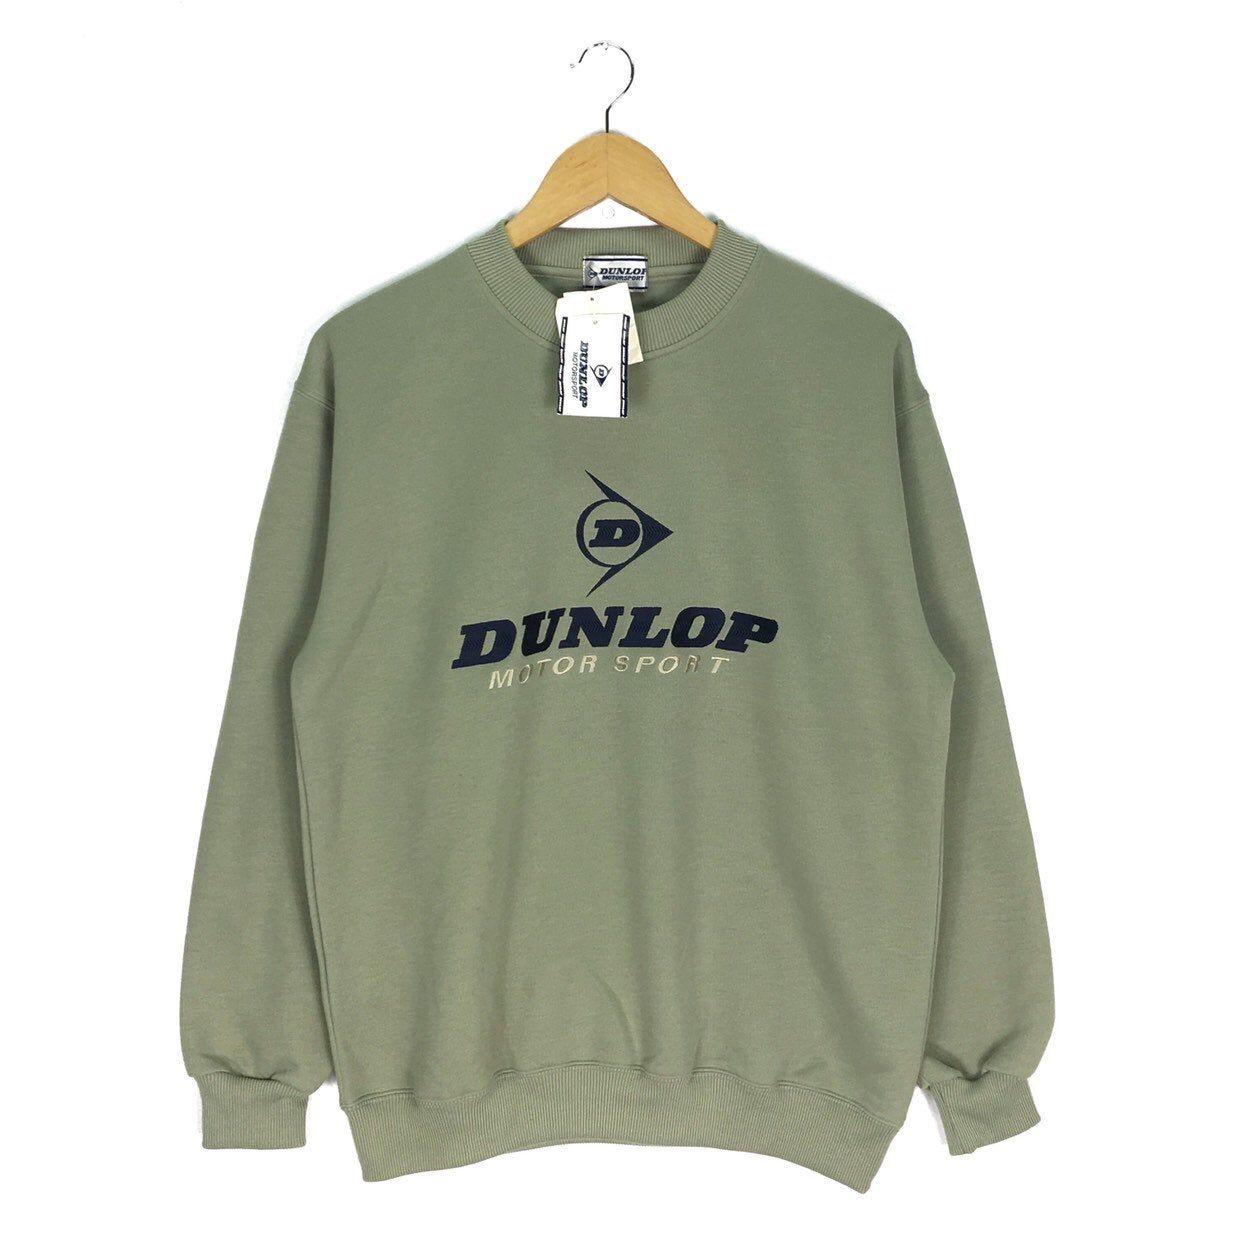 Best Company Indian Crew Neck Sweatshirt in Green /& Purple retro 80s jumper